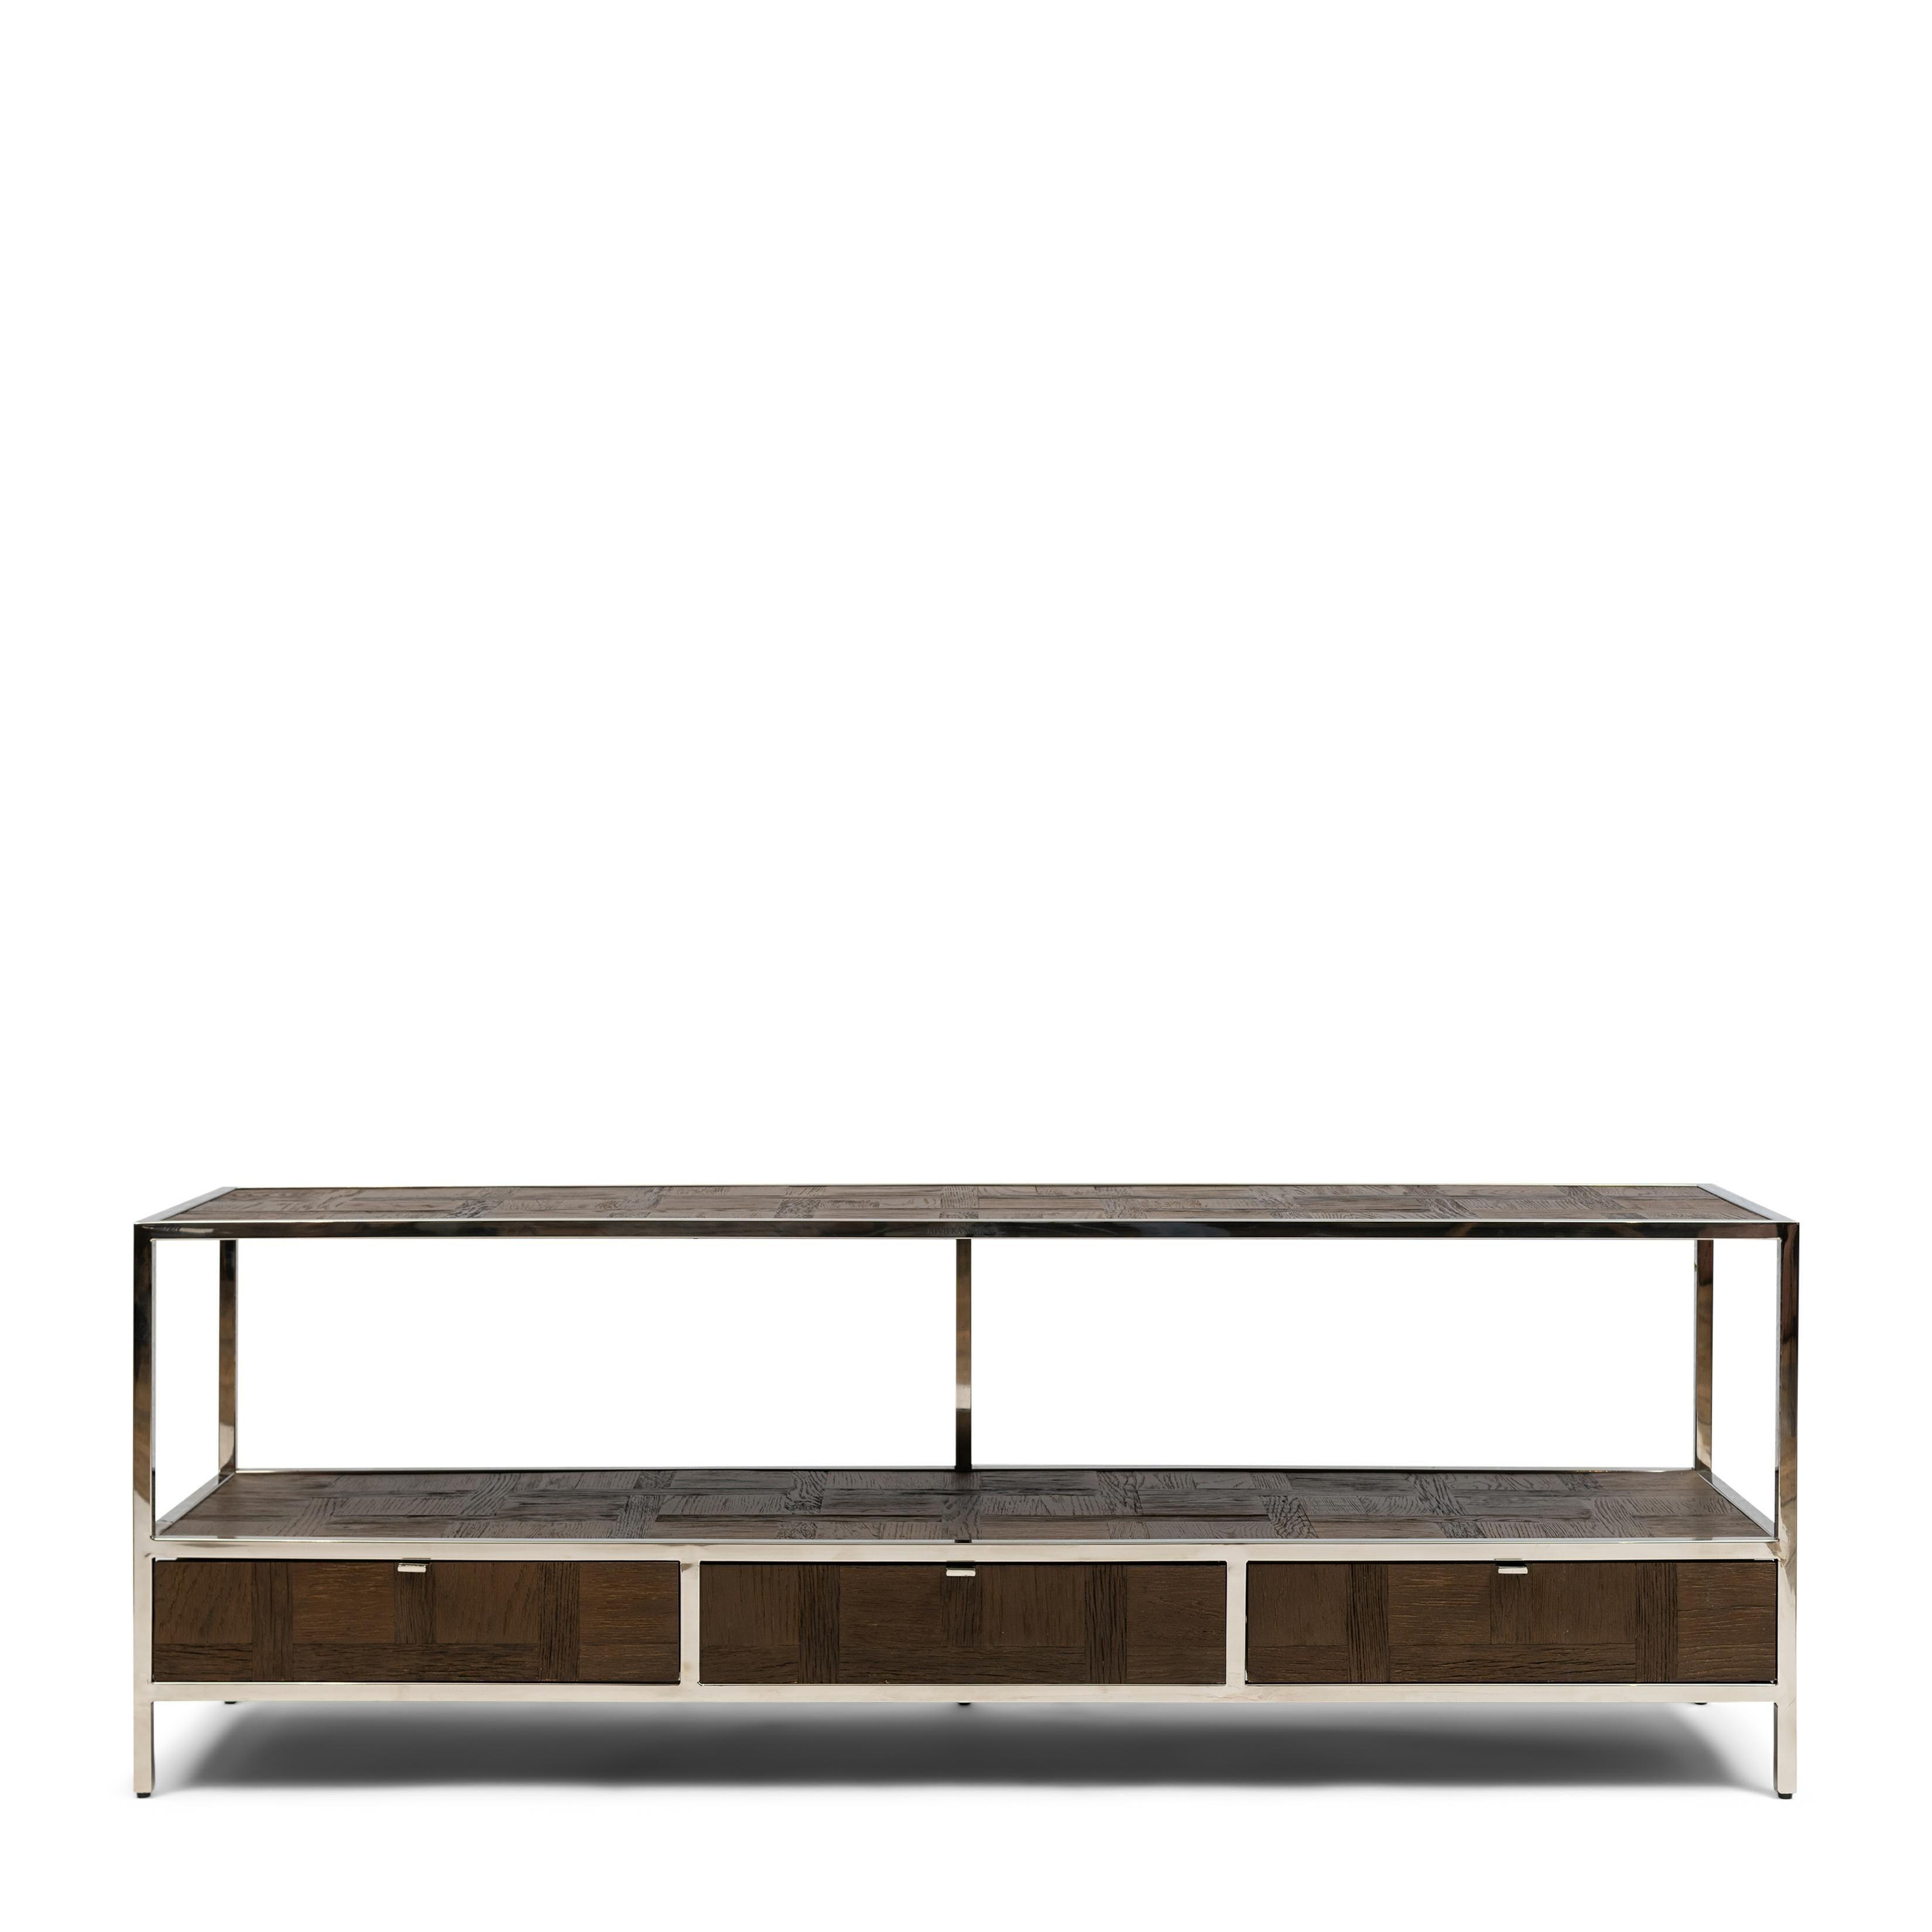 Bleeckerstreet Flatscreen Dresser / Rivièra Maison